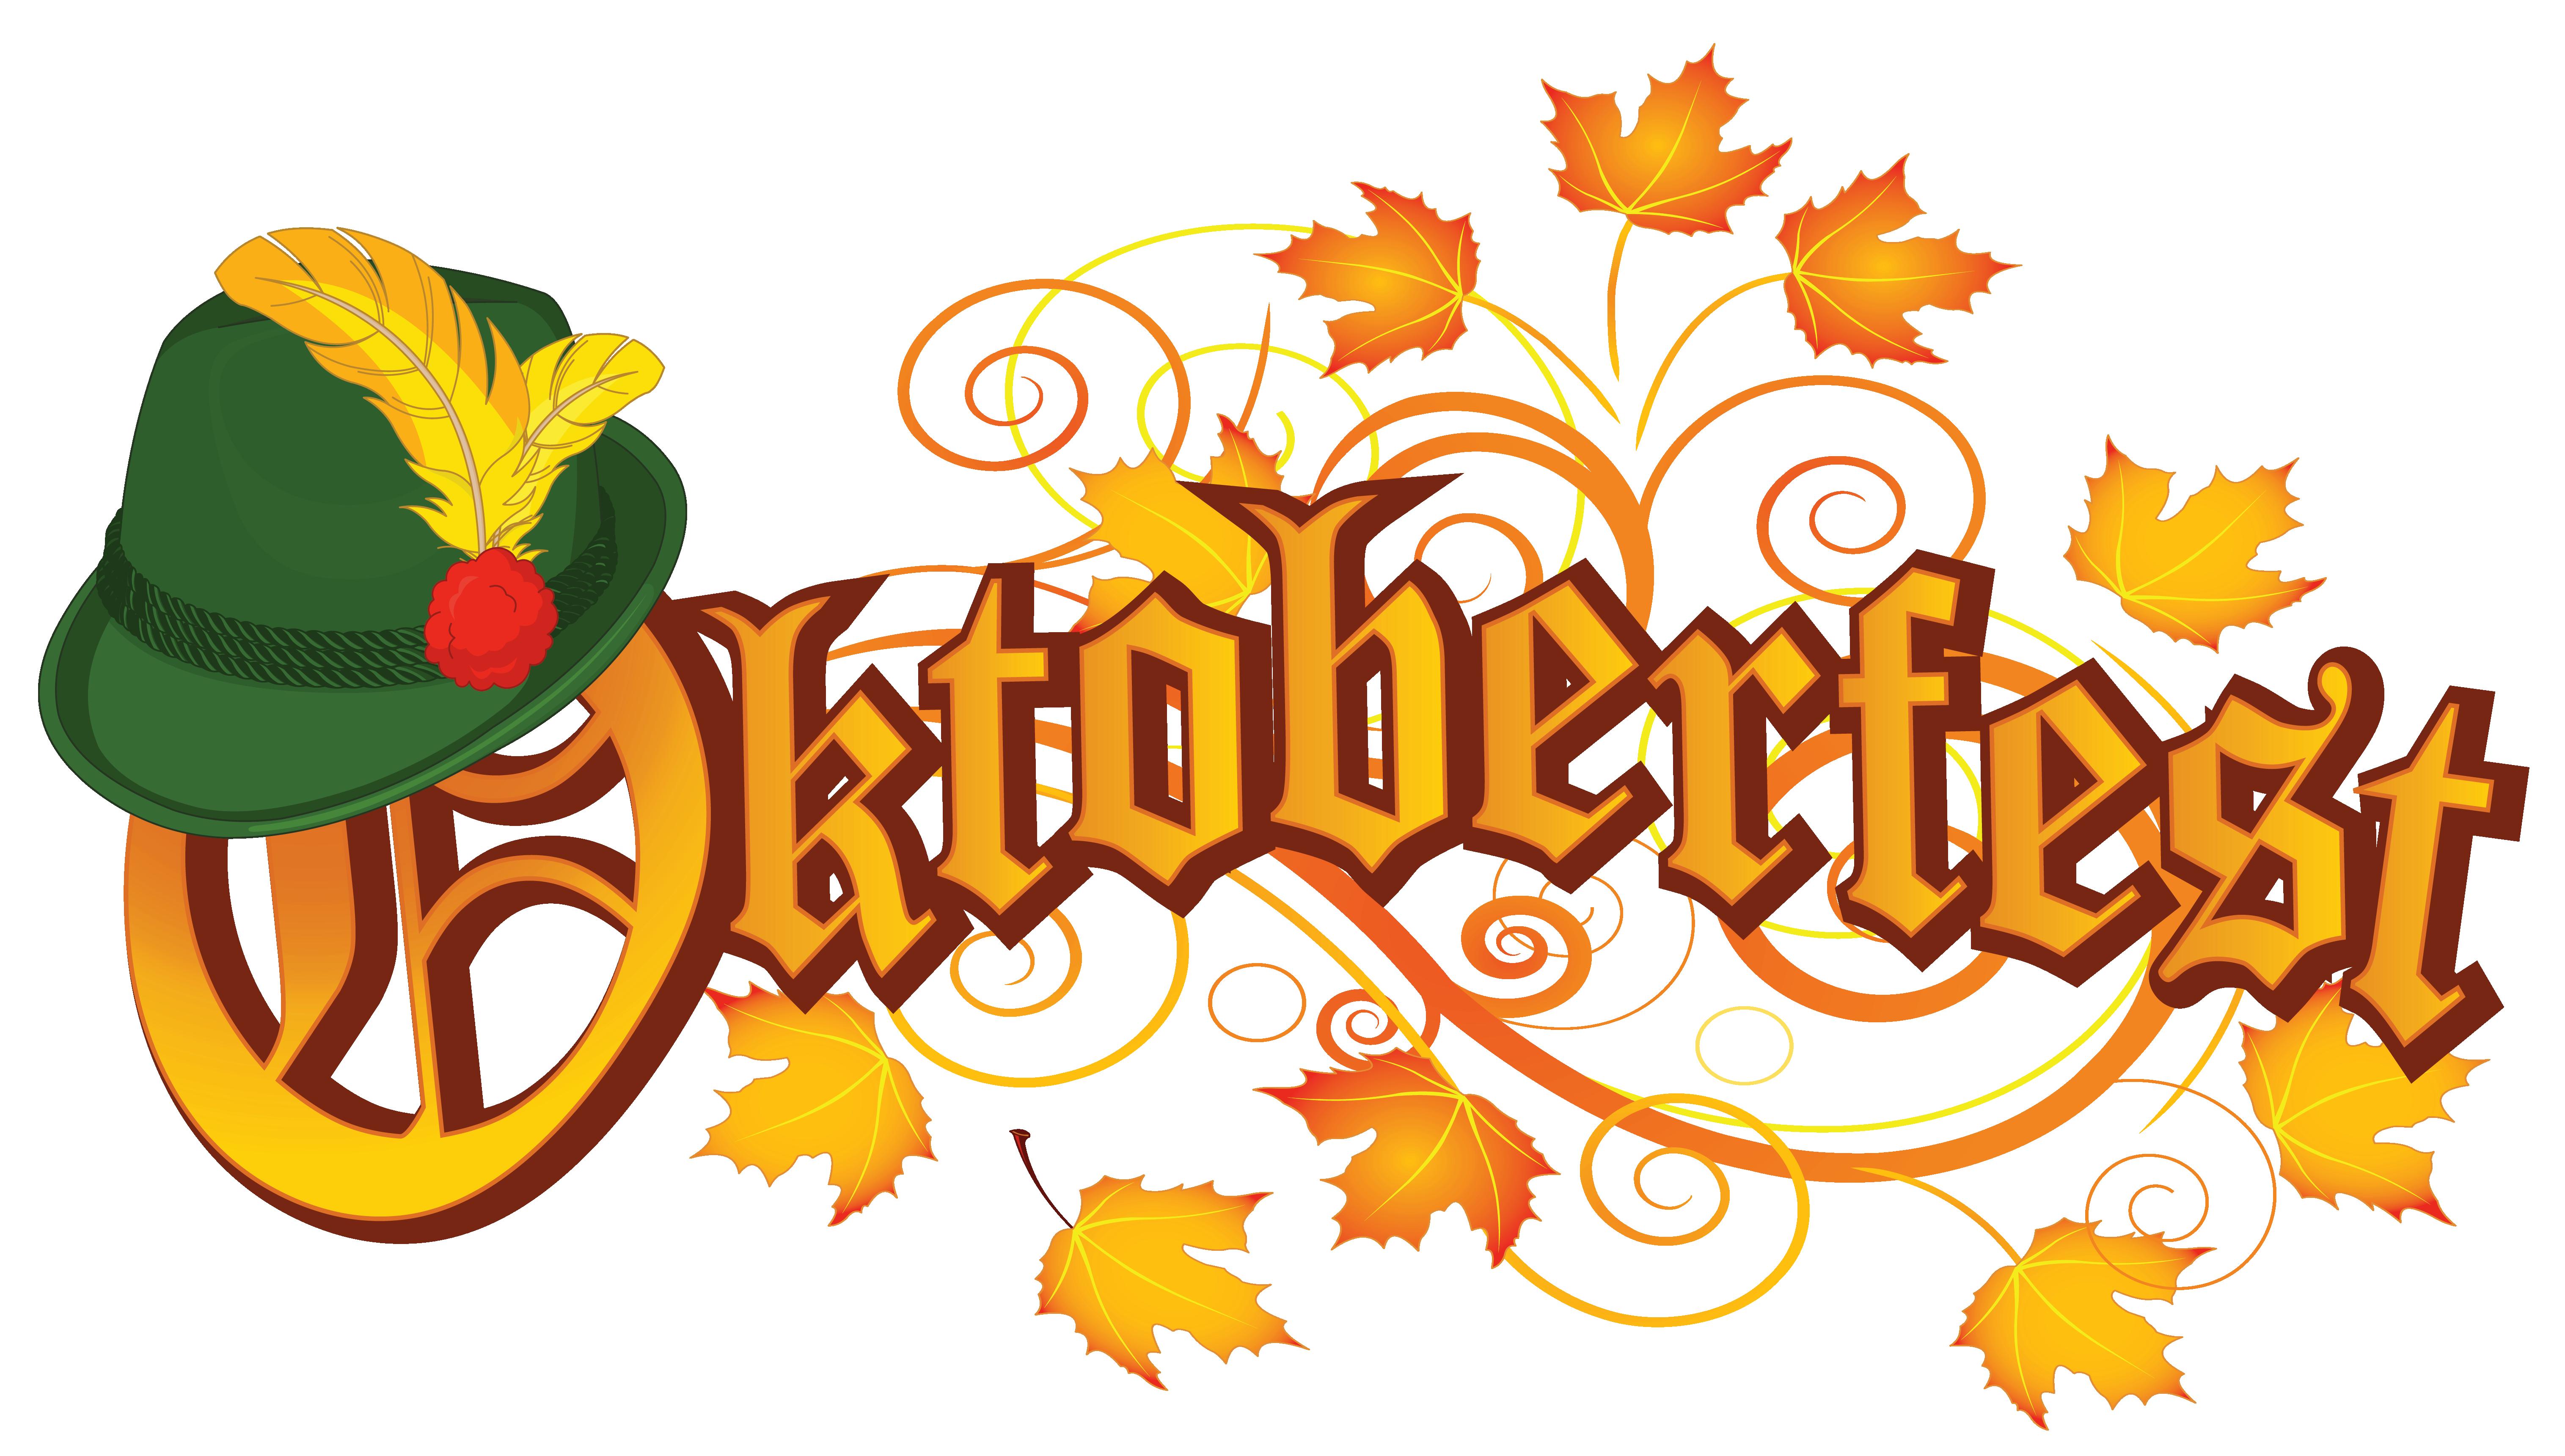 clipart Oktoberfest clipart. Text decor png image.